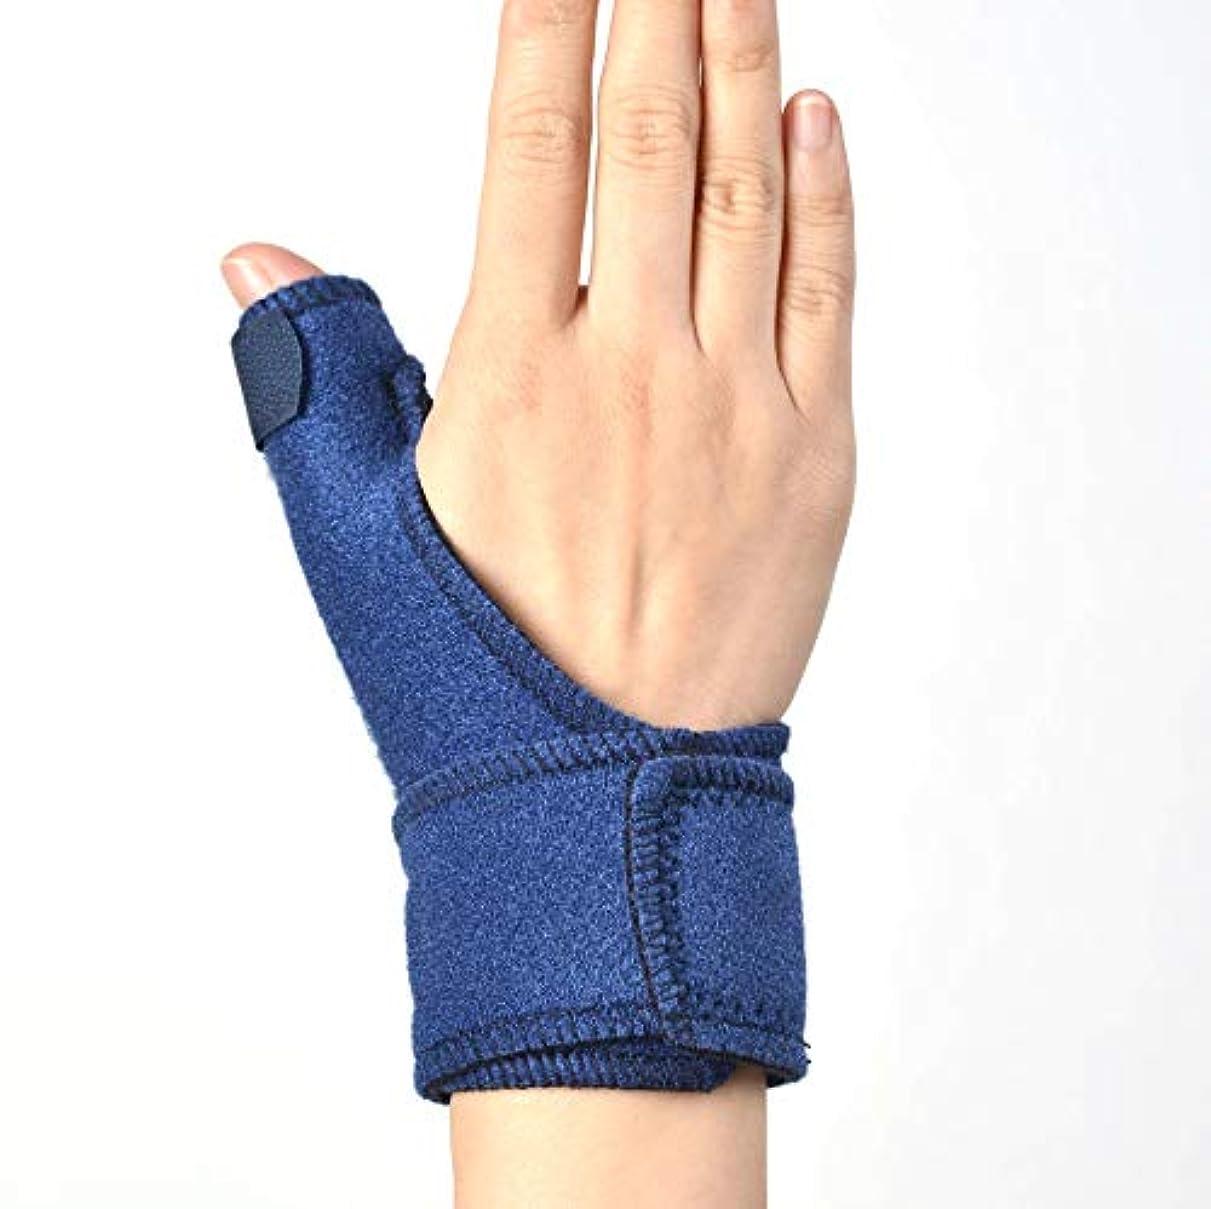 あなたが良くなります所有者不倫親指スプリント、マジックテープ調節可能な親指サポートブレースとガード腱炎 - 指スプリント親指固定具は左右の手にフィット